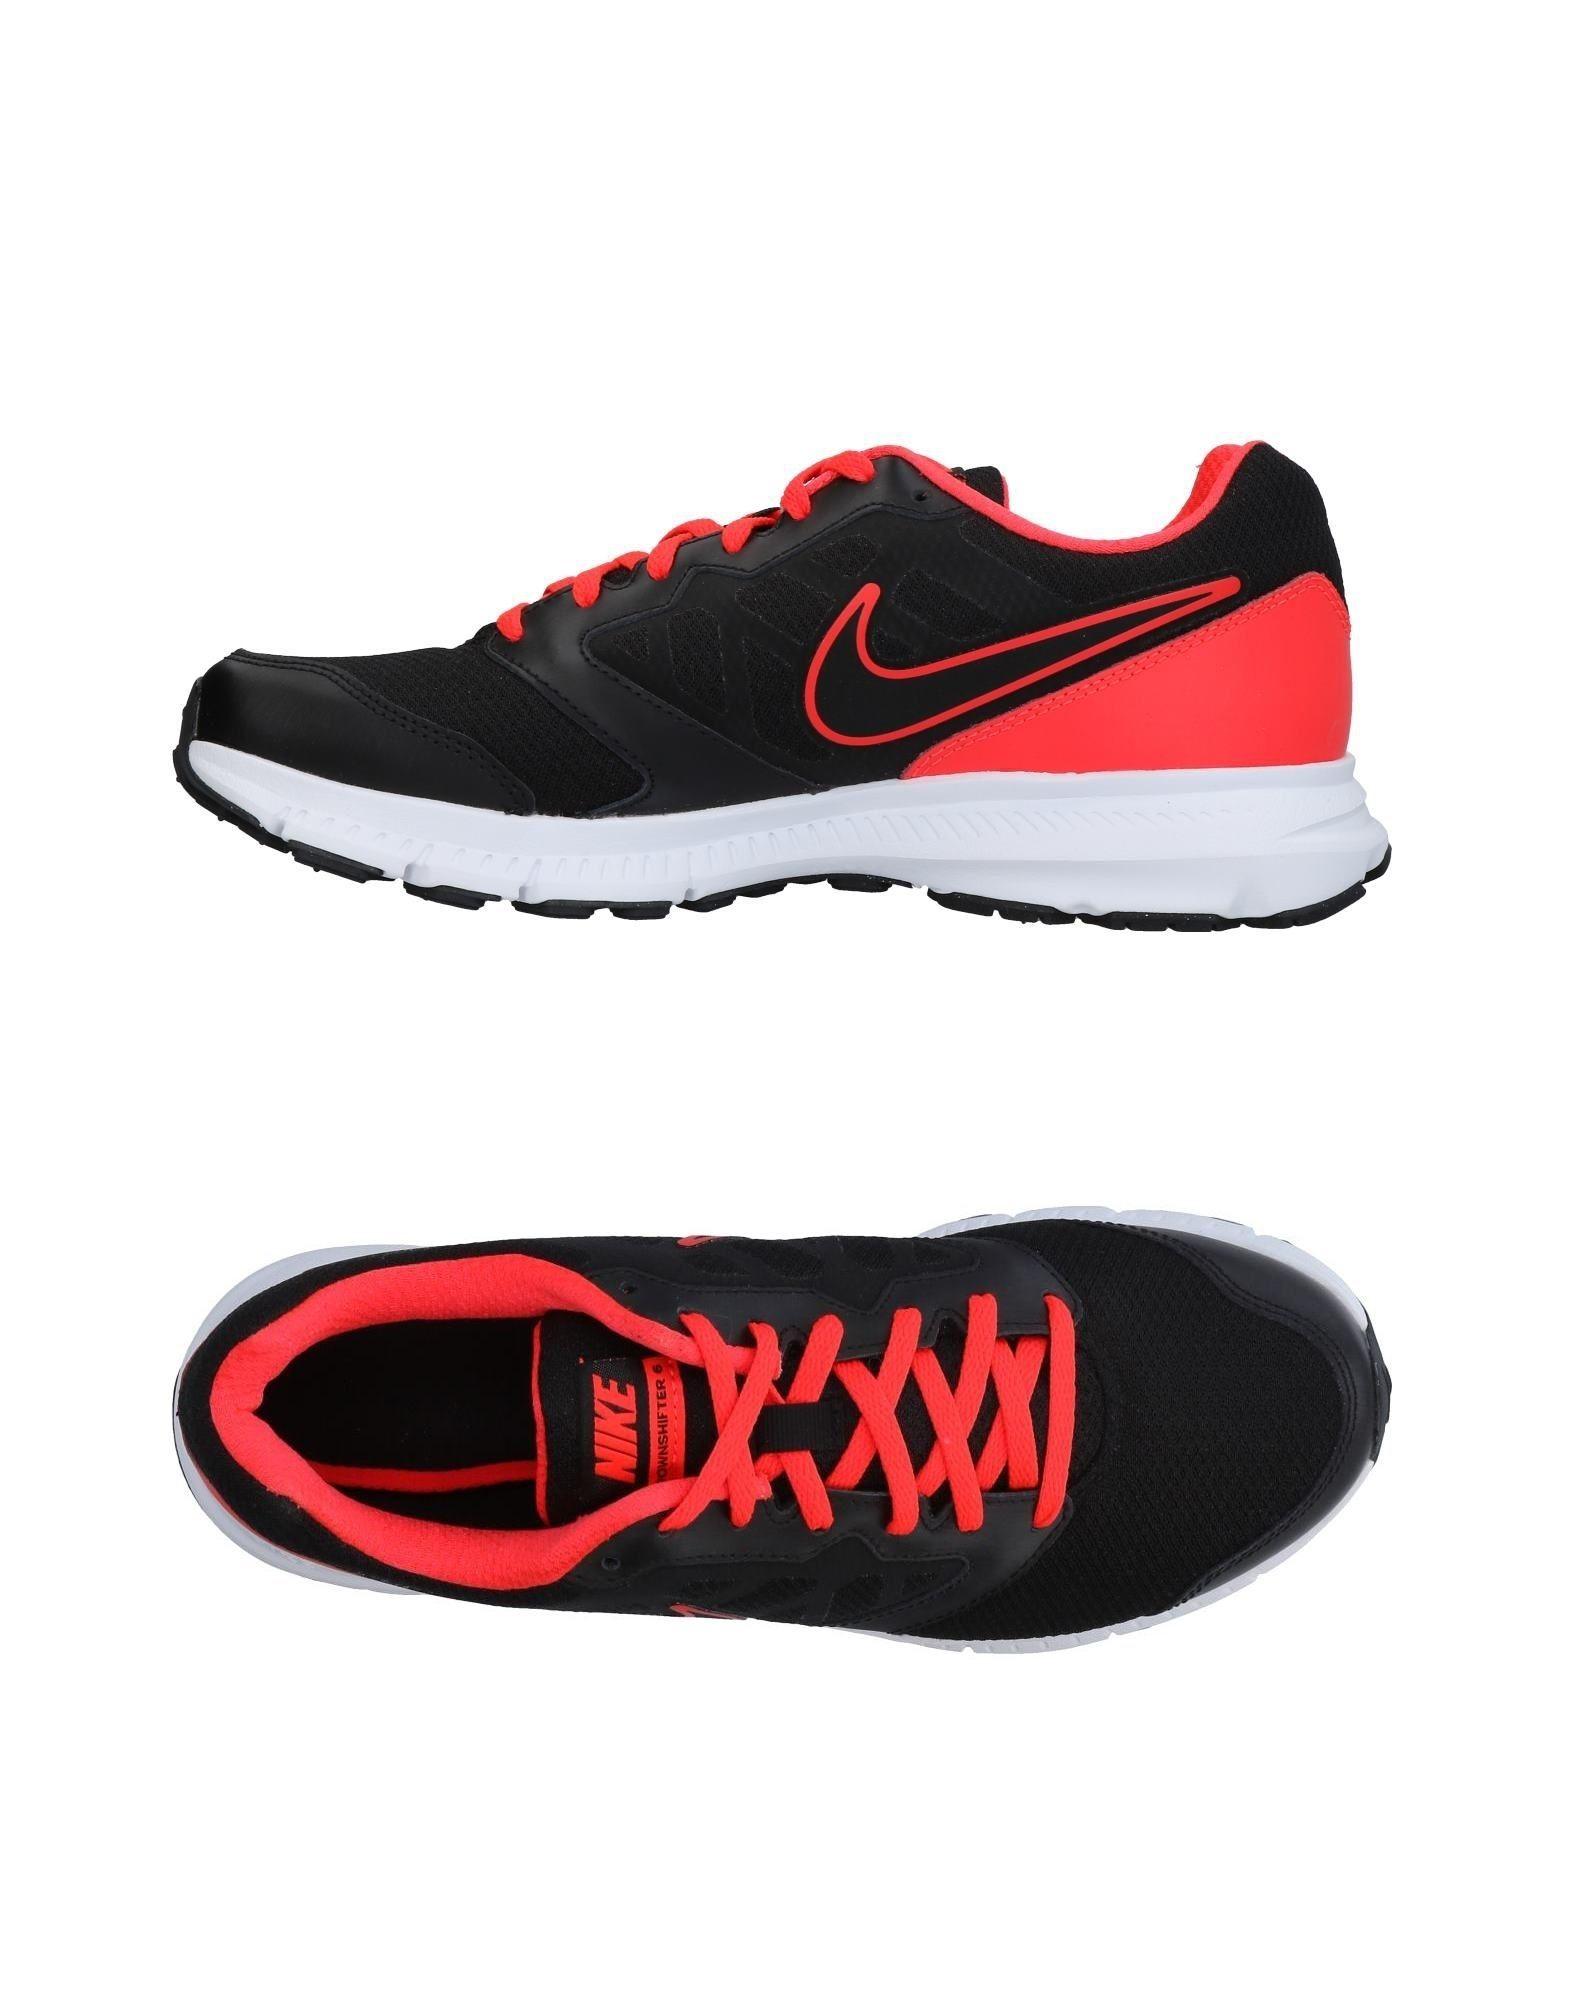 d41b24c382 da Ginnastica Nike - 11464511HJ Donna Scarpe nqeqzg861-Sneakers ...